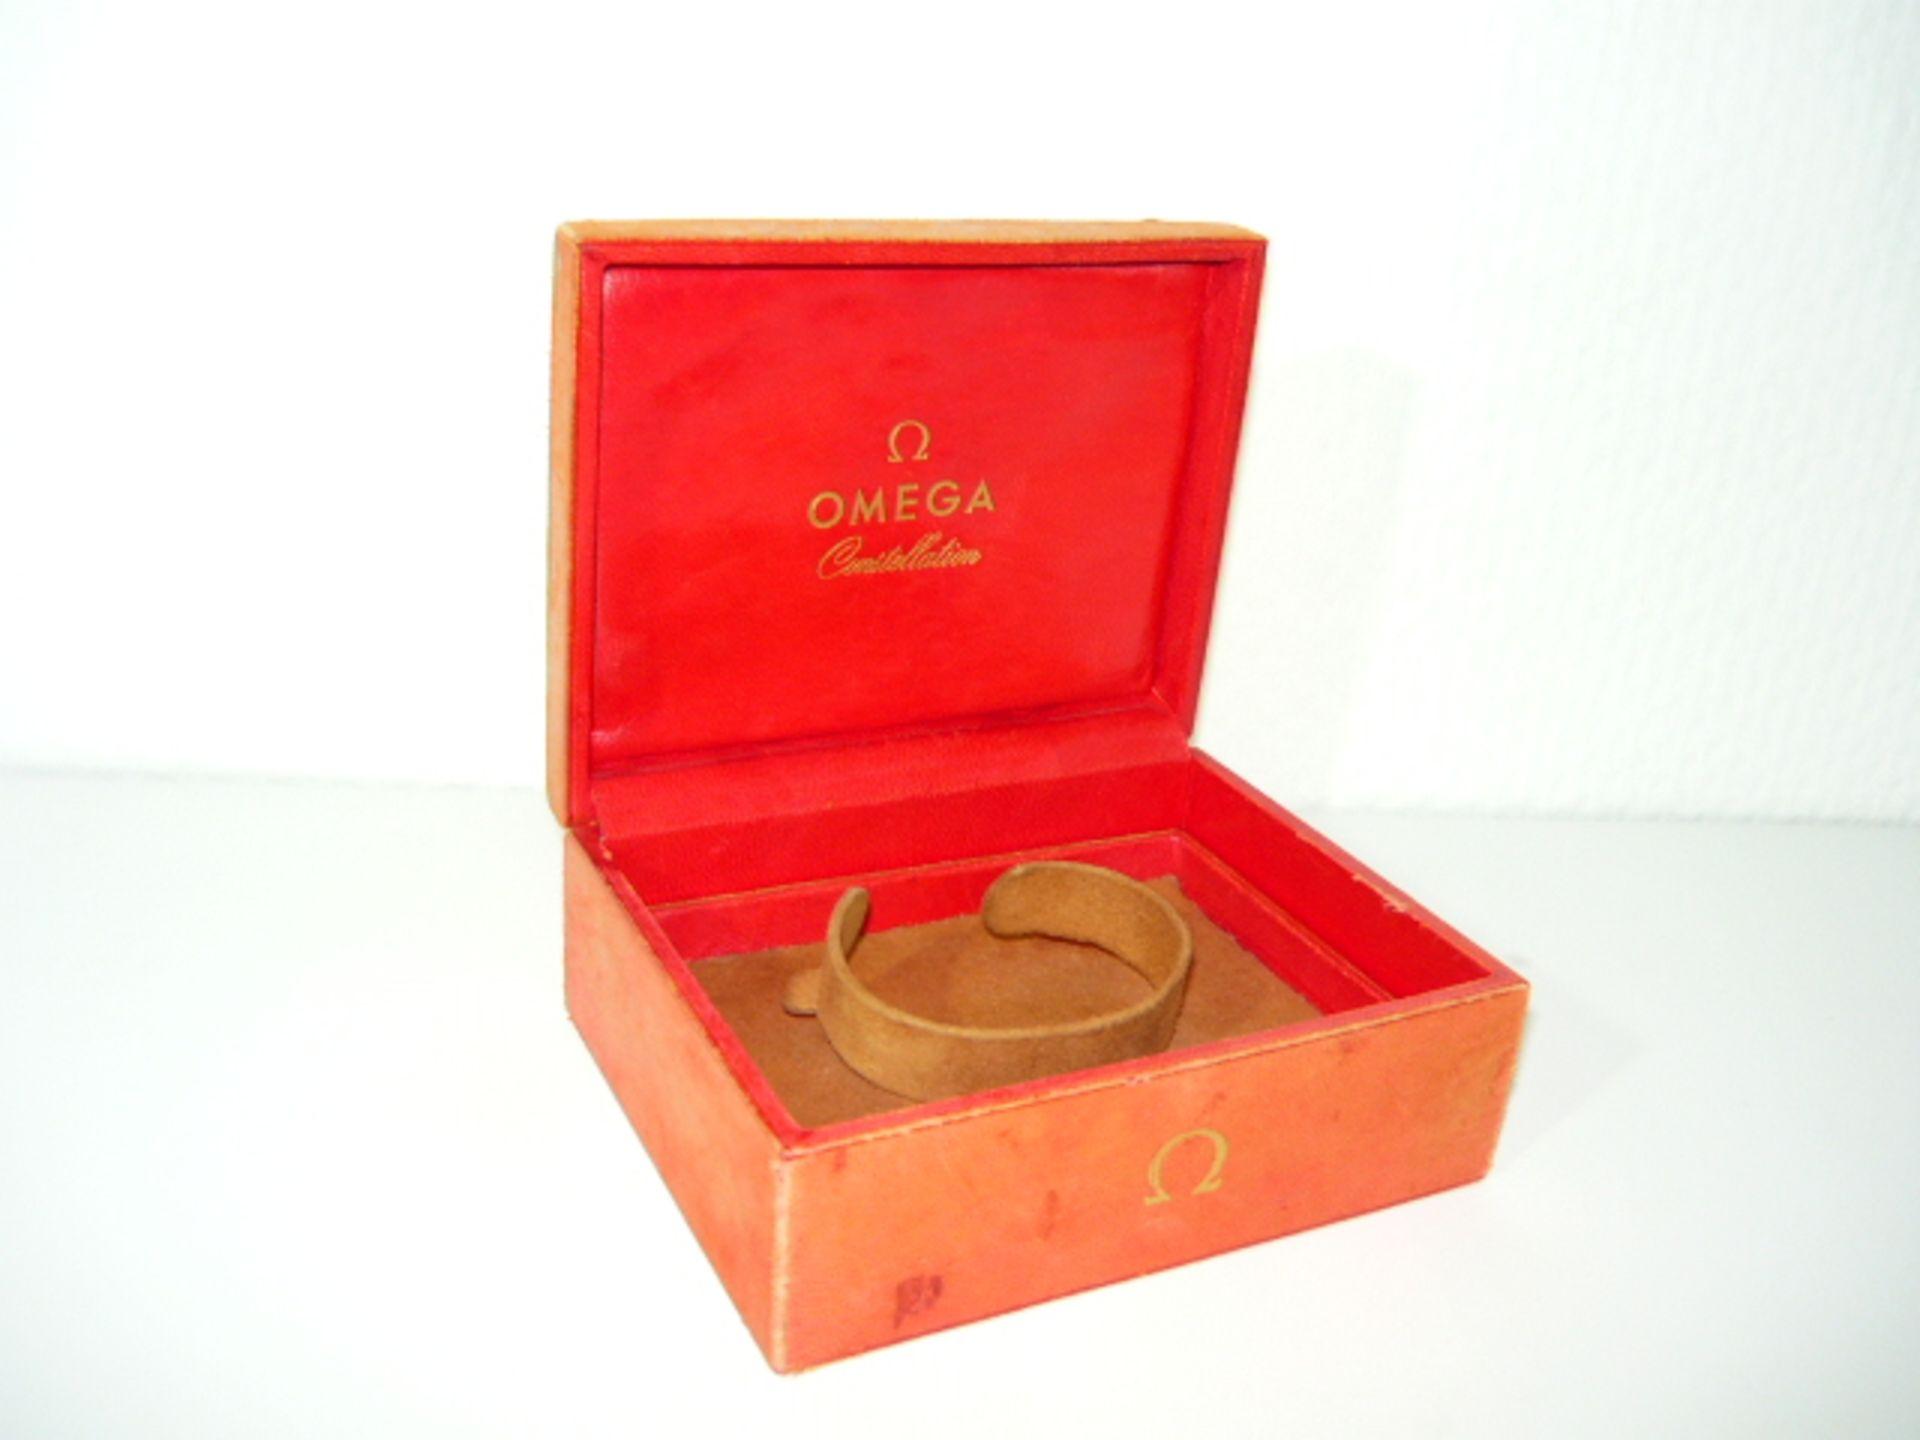 Omega Costellation. Uhrenbox Vintage. Maß ca. 5x10x13cm. Altersspuren. KOSTENLOSER VERSAND INNERHALB